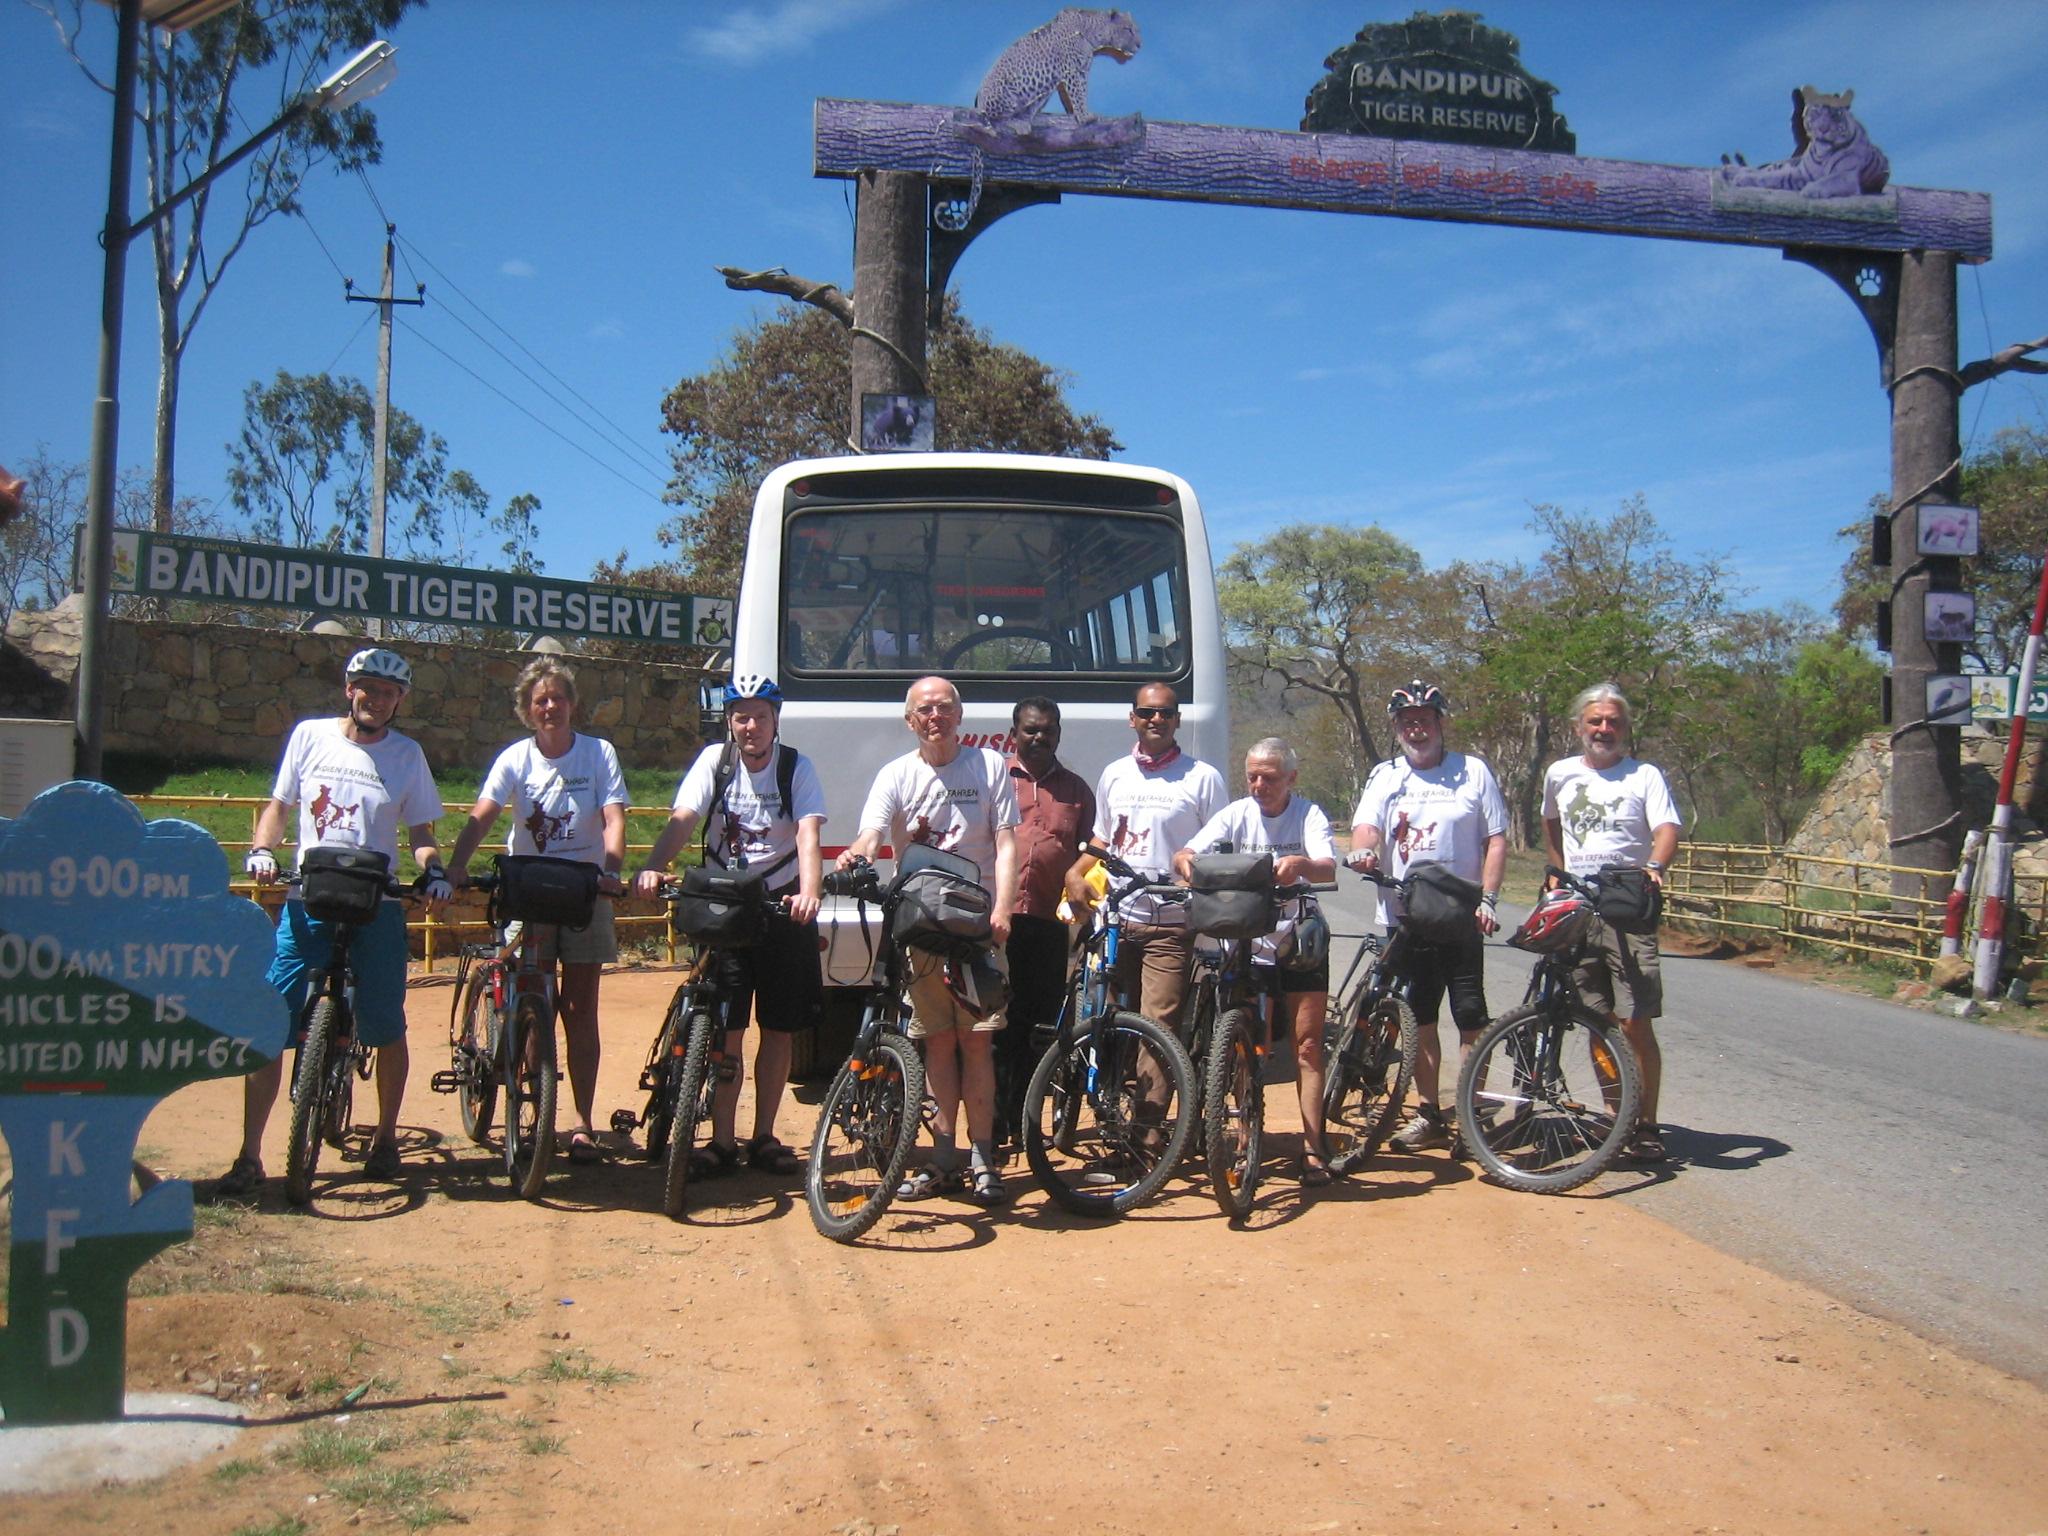 Gruppenfoto vor dem Bandipur Tiger Reserve